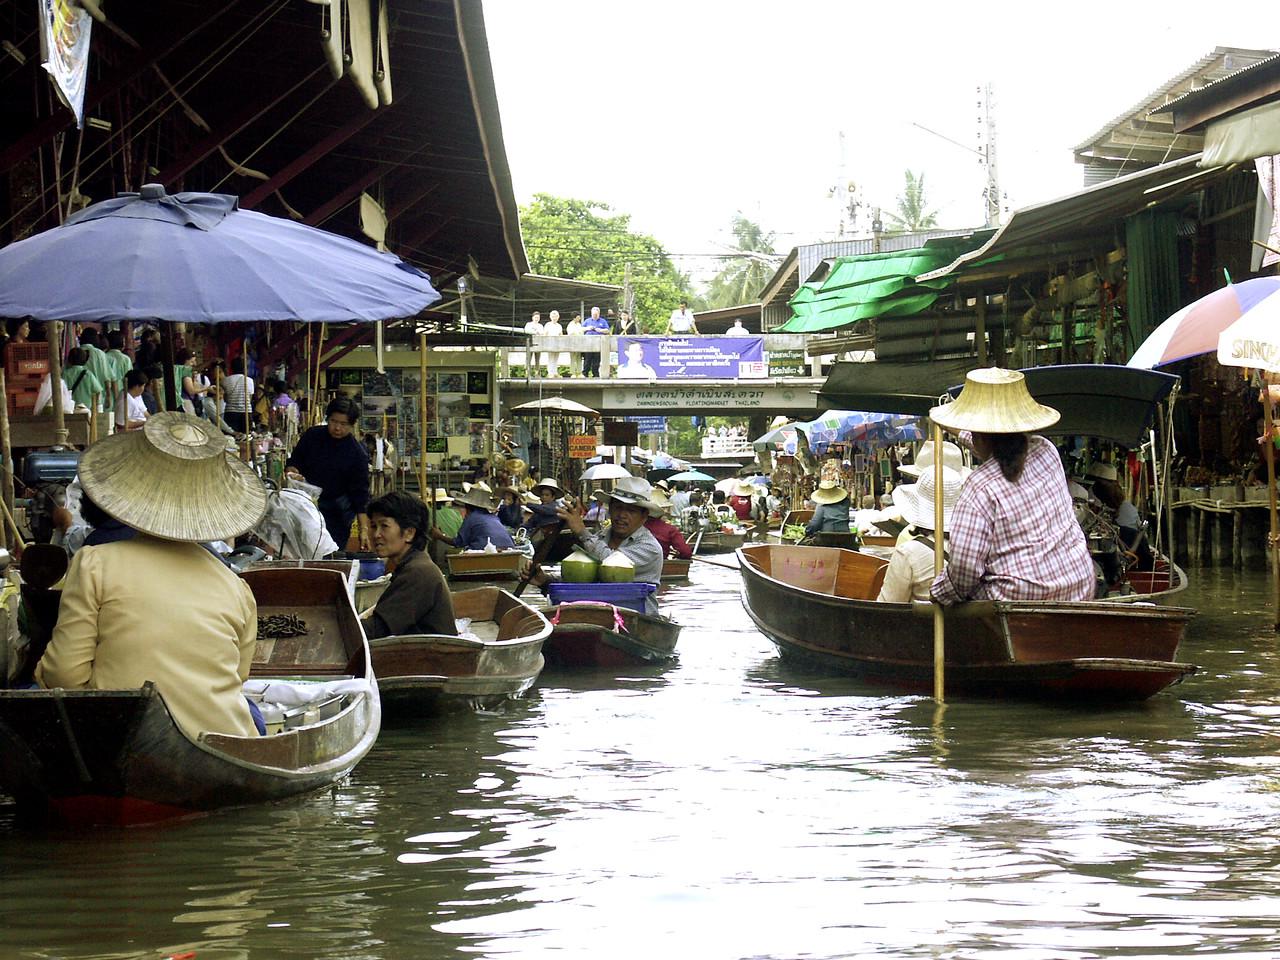 Bangkok, Thailand: The Floating Market